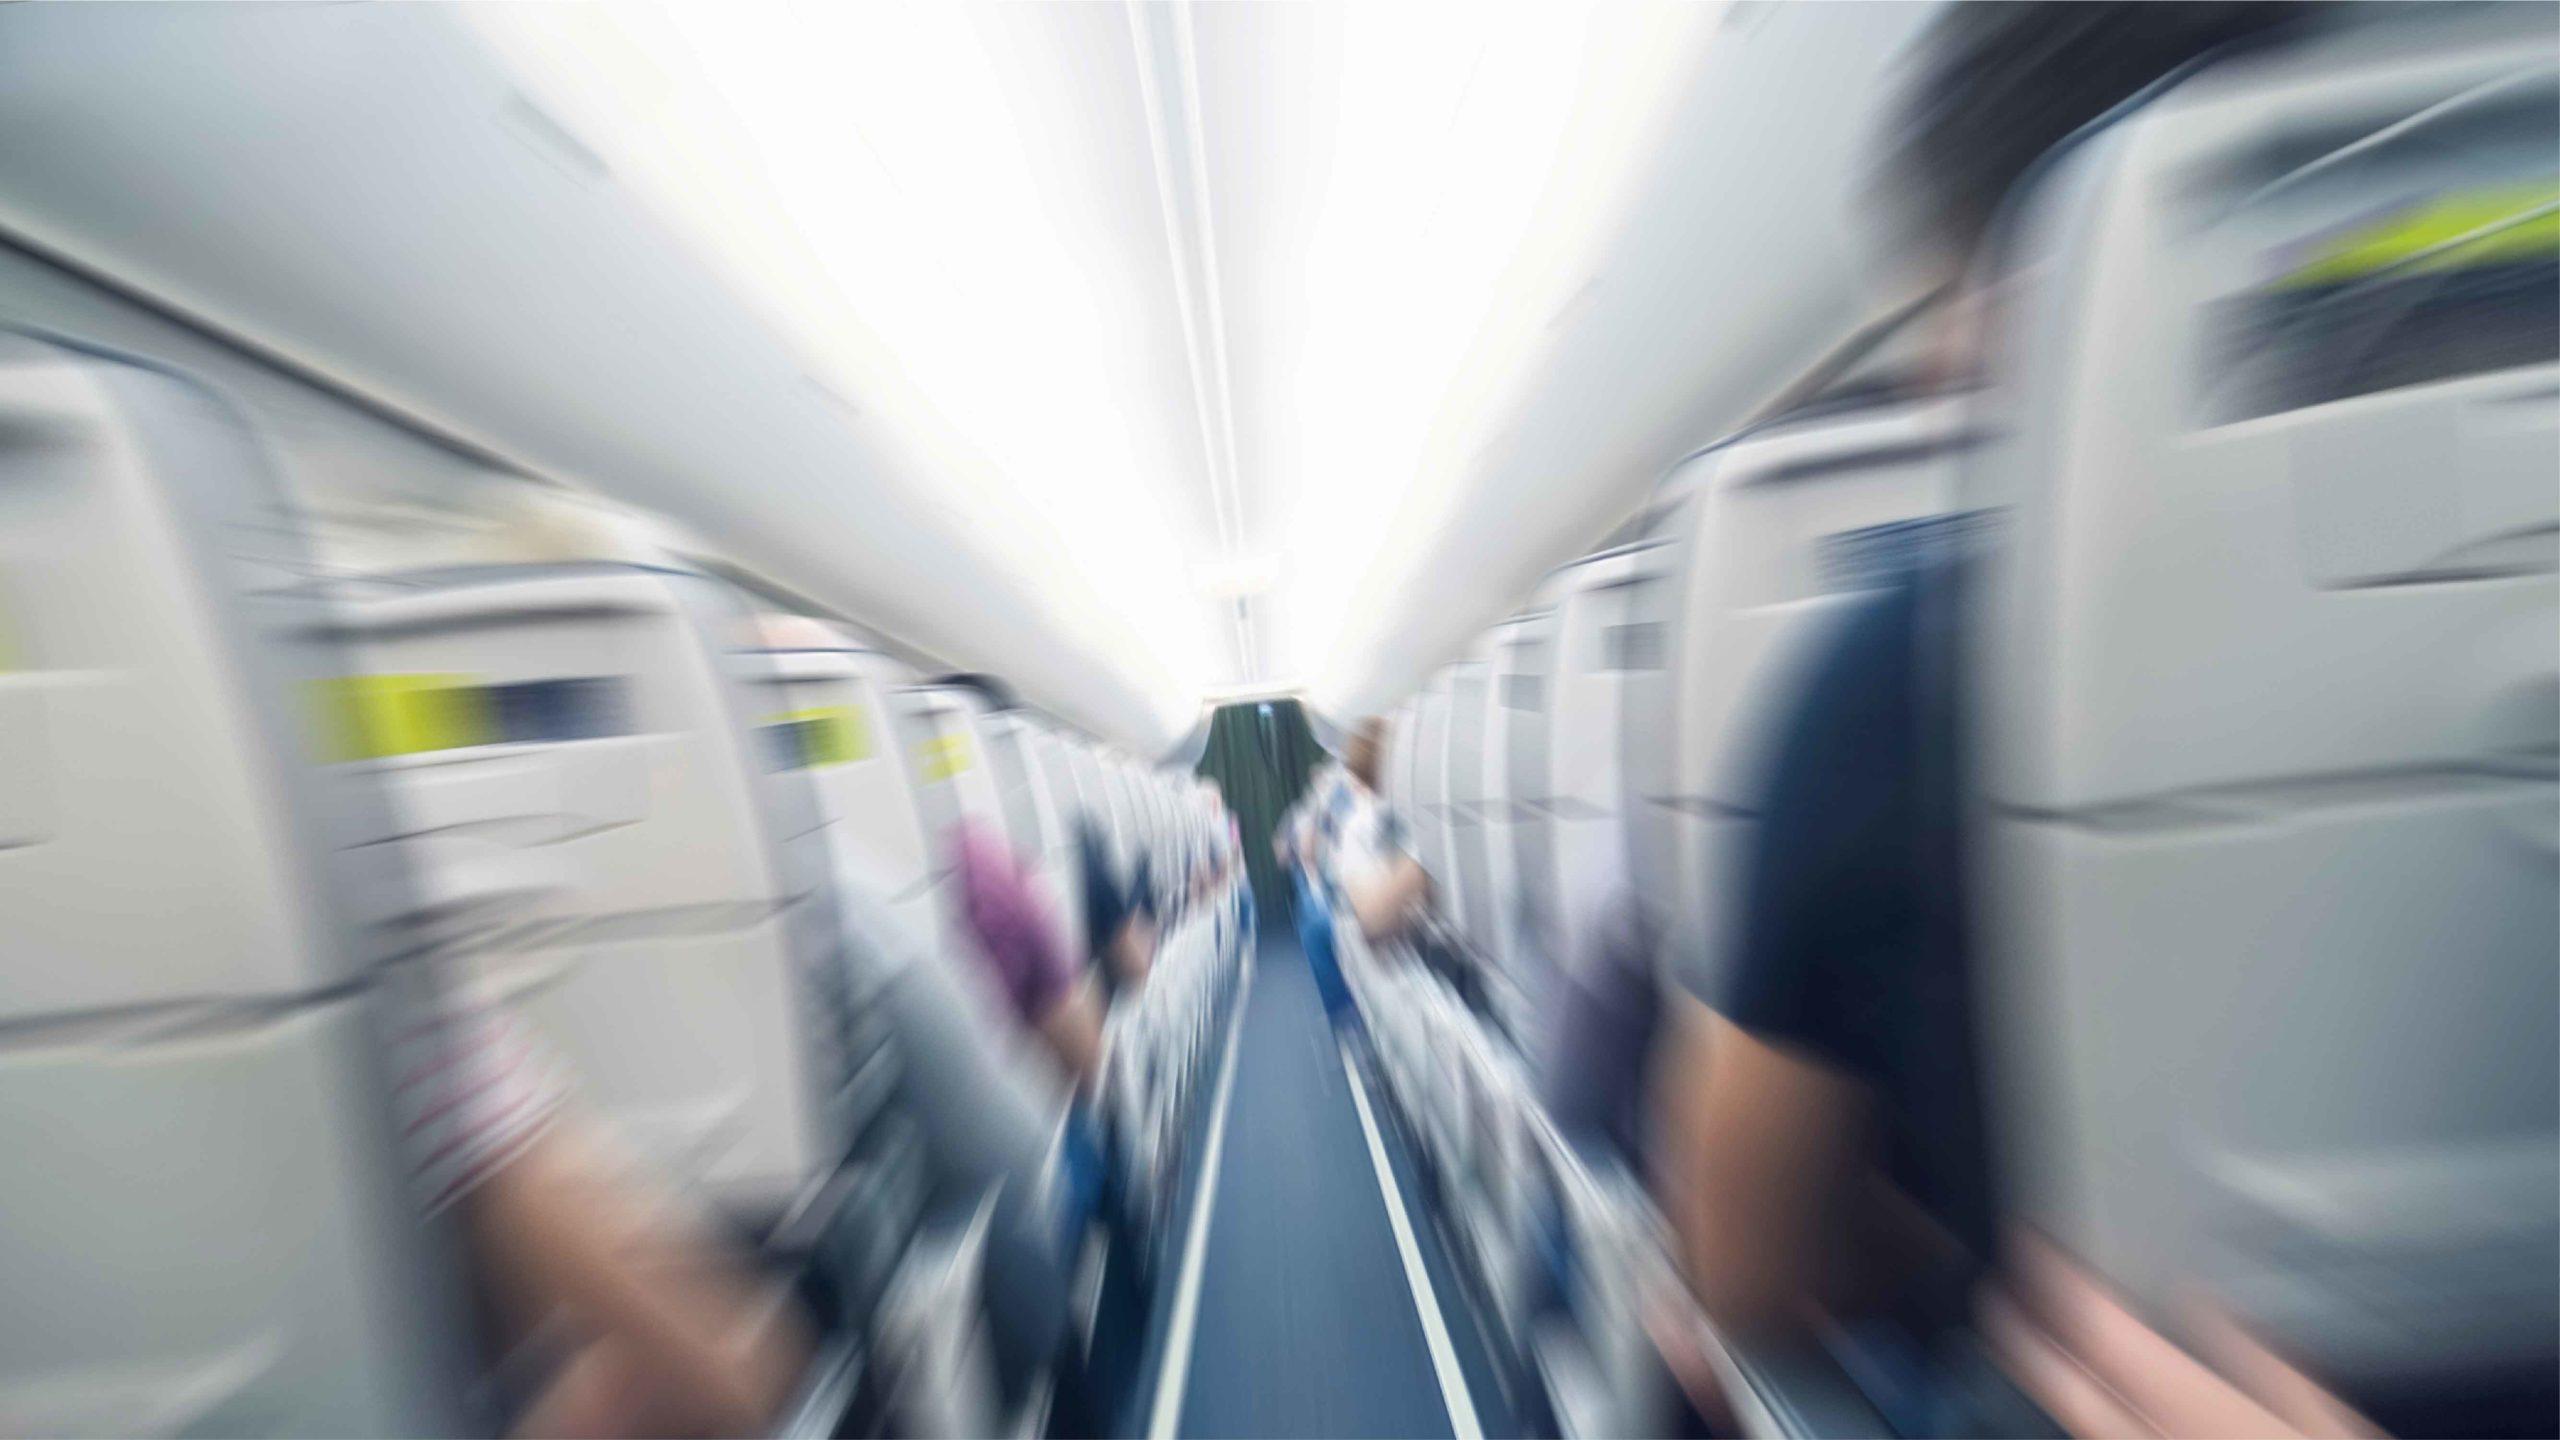 Você vai viajar? Descubra como evitar o coronavírus durante o voo